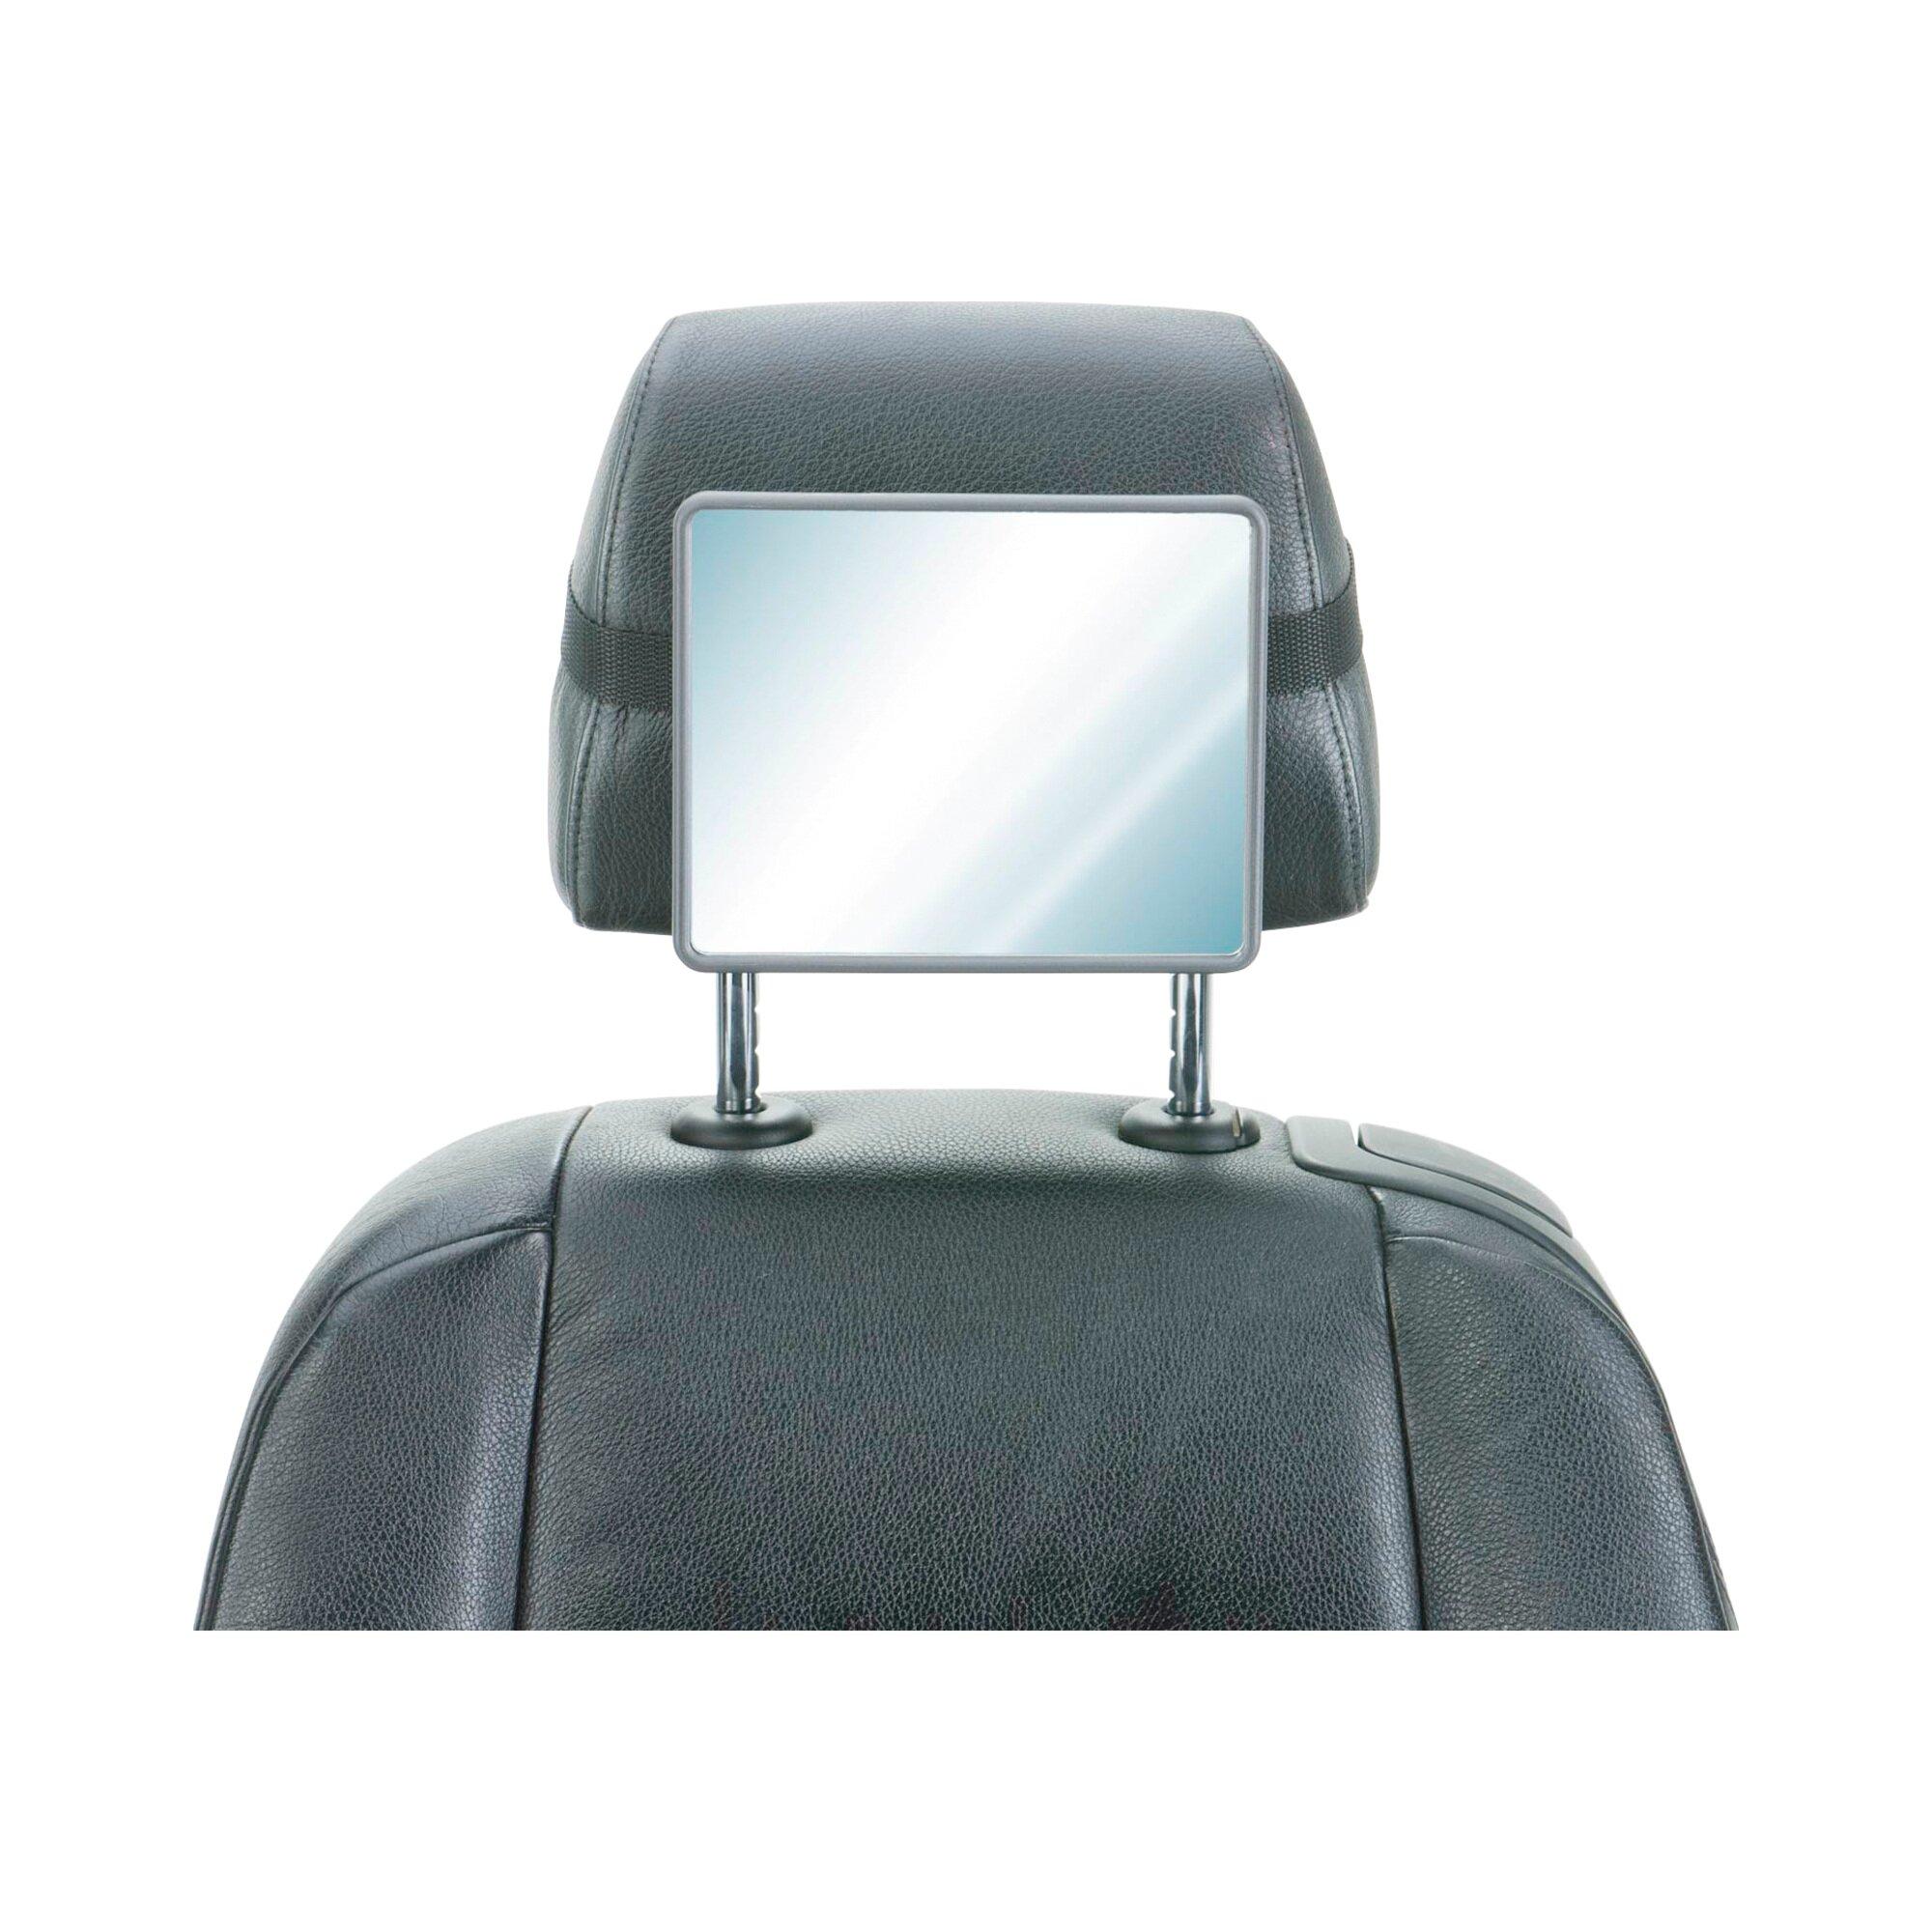 diago-sicherheitsspiegel-fur-autorucksitz-grau, 10.99 EUR @ babywalz-de